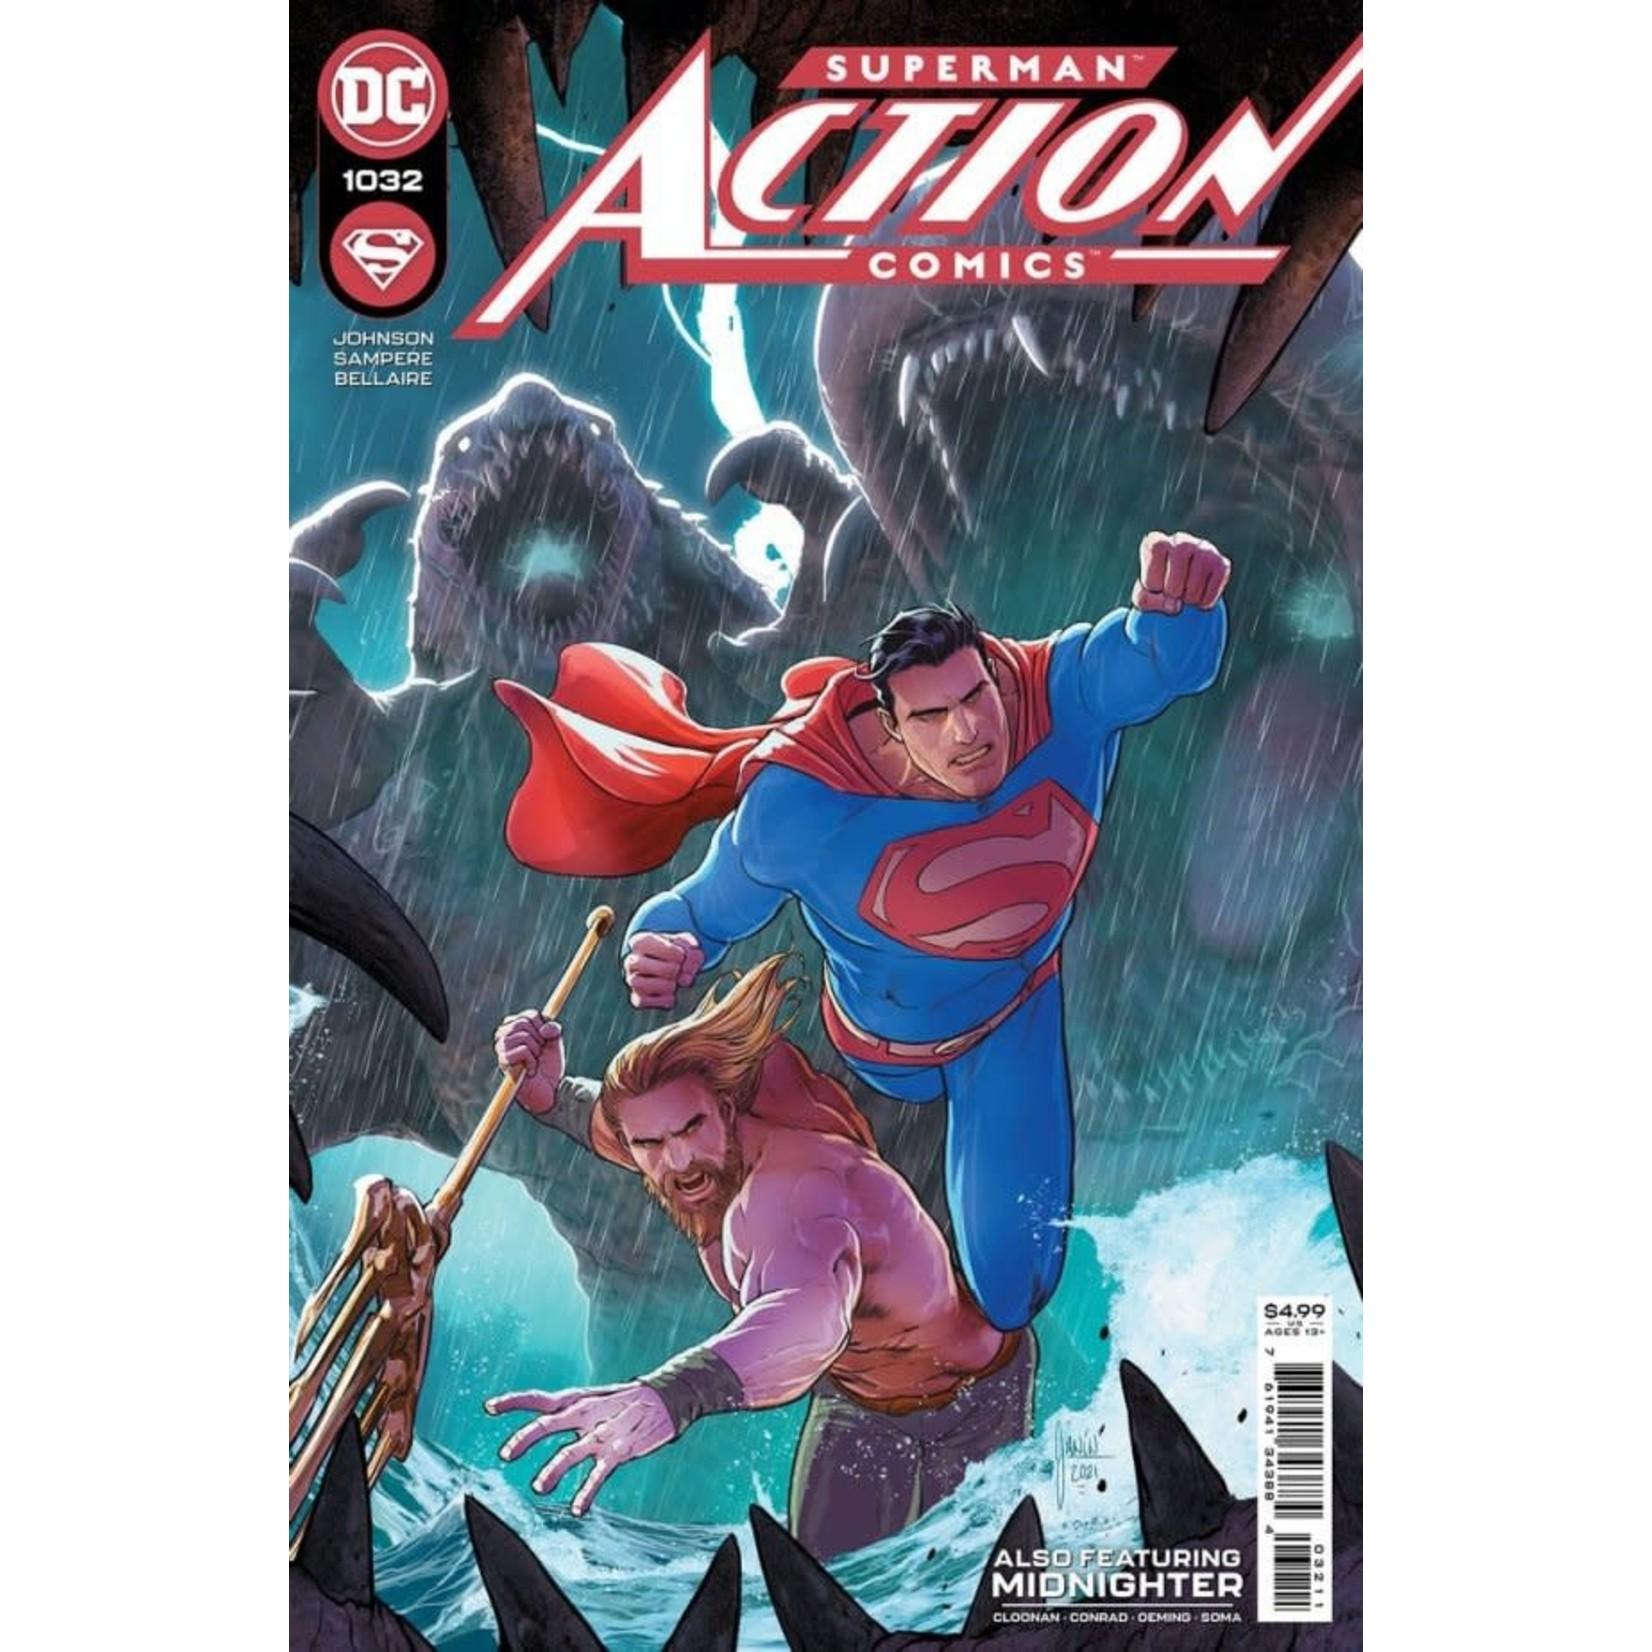 DC Comics action comics #1032